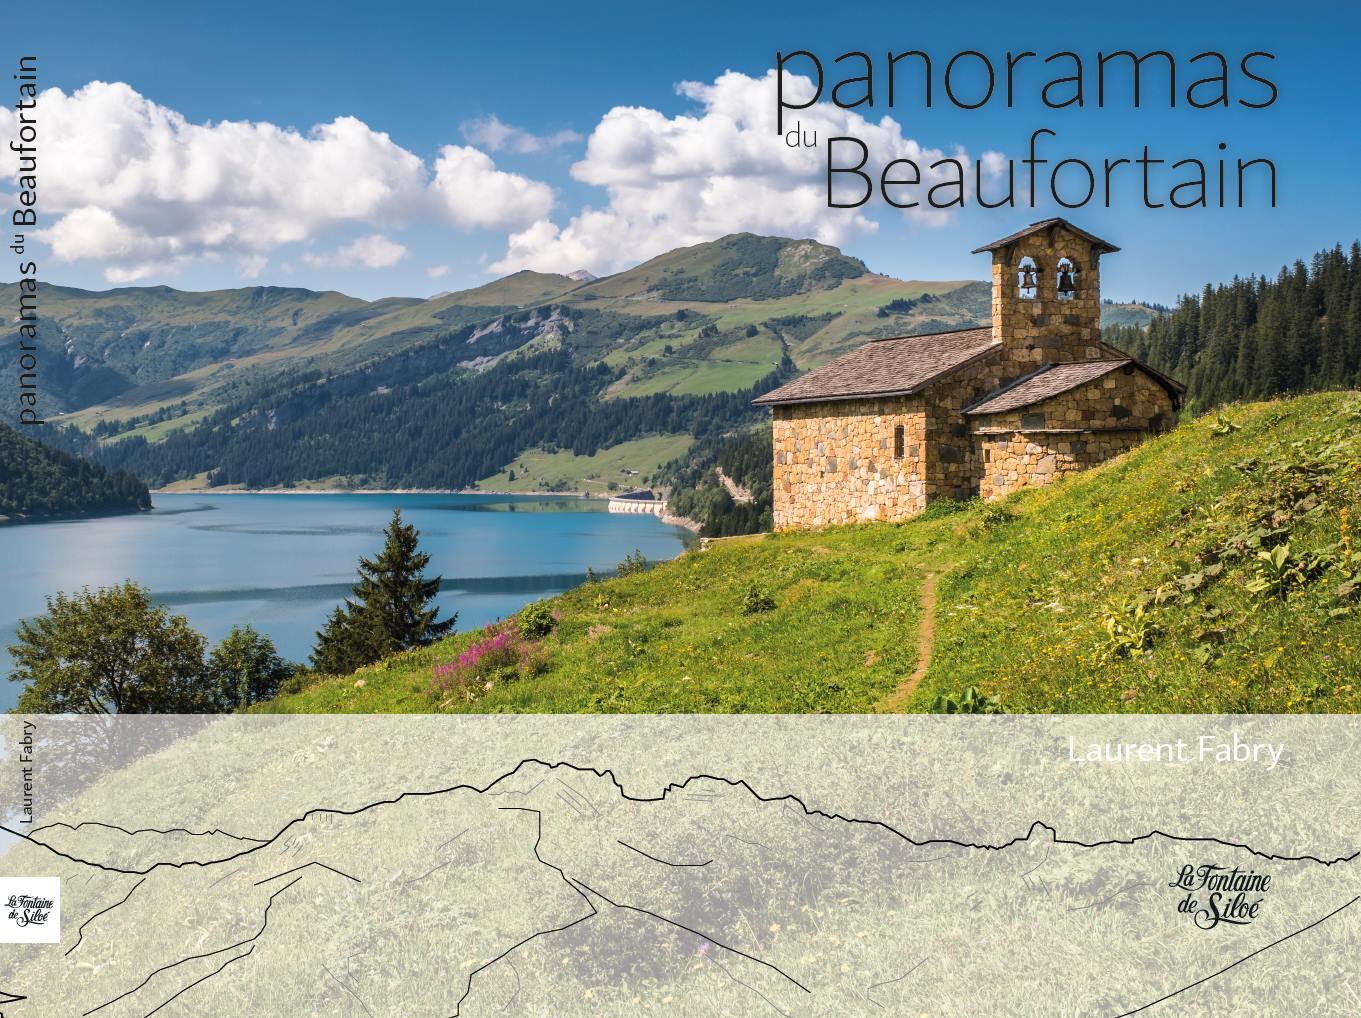 Panoramas Du Beaufortain, La Fontaine De Siloé, Laurent FABRY Photographe